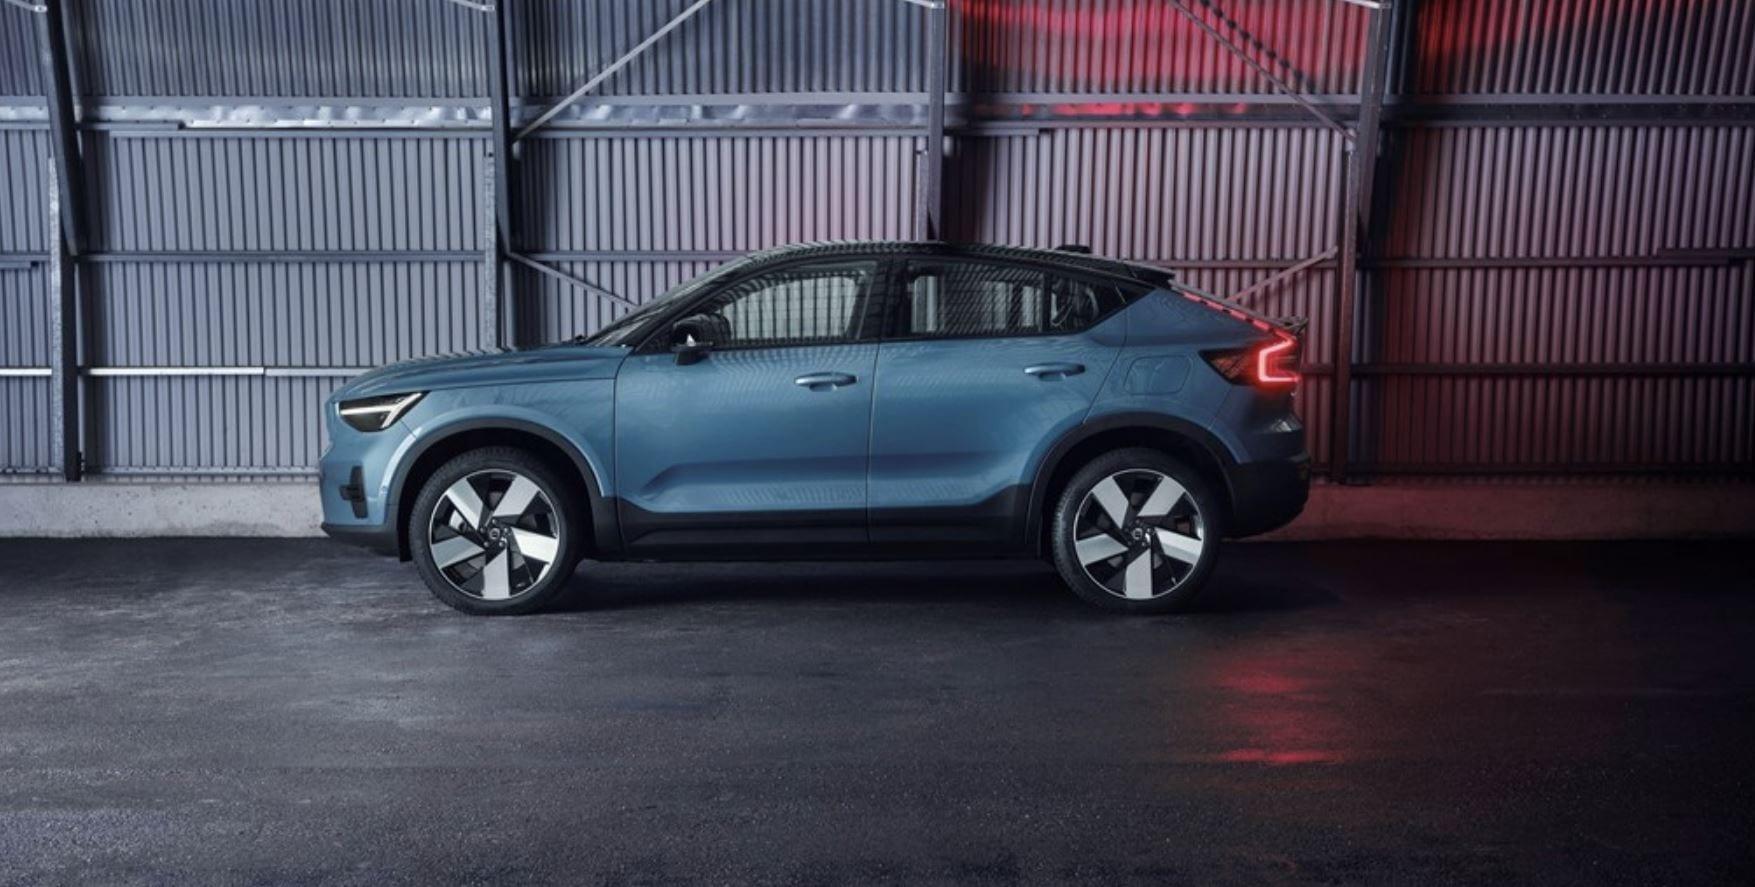 Volvo ha presentato la nuova C40 Recharge, un SUV elettrico che si acquista solo online